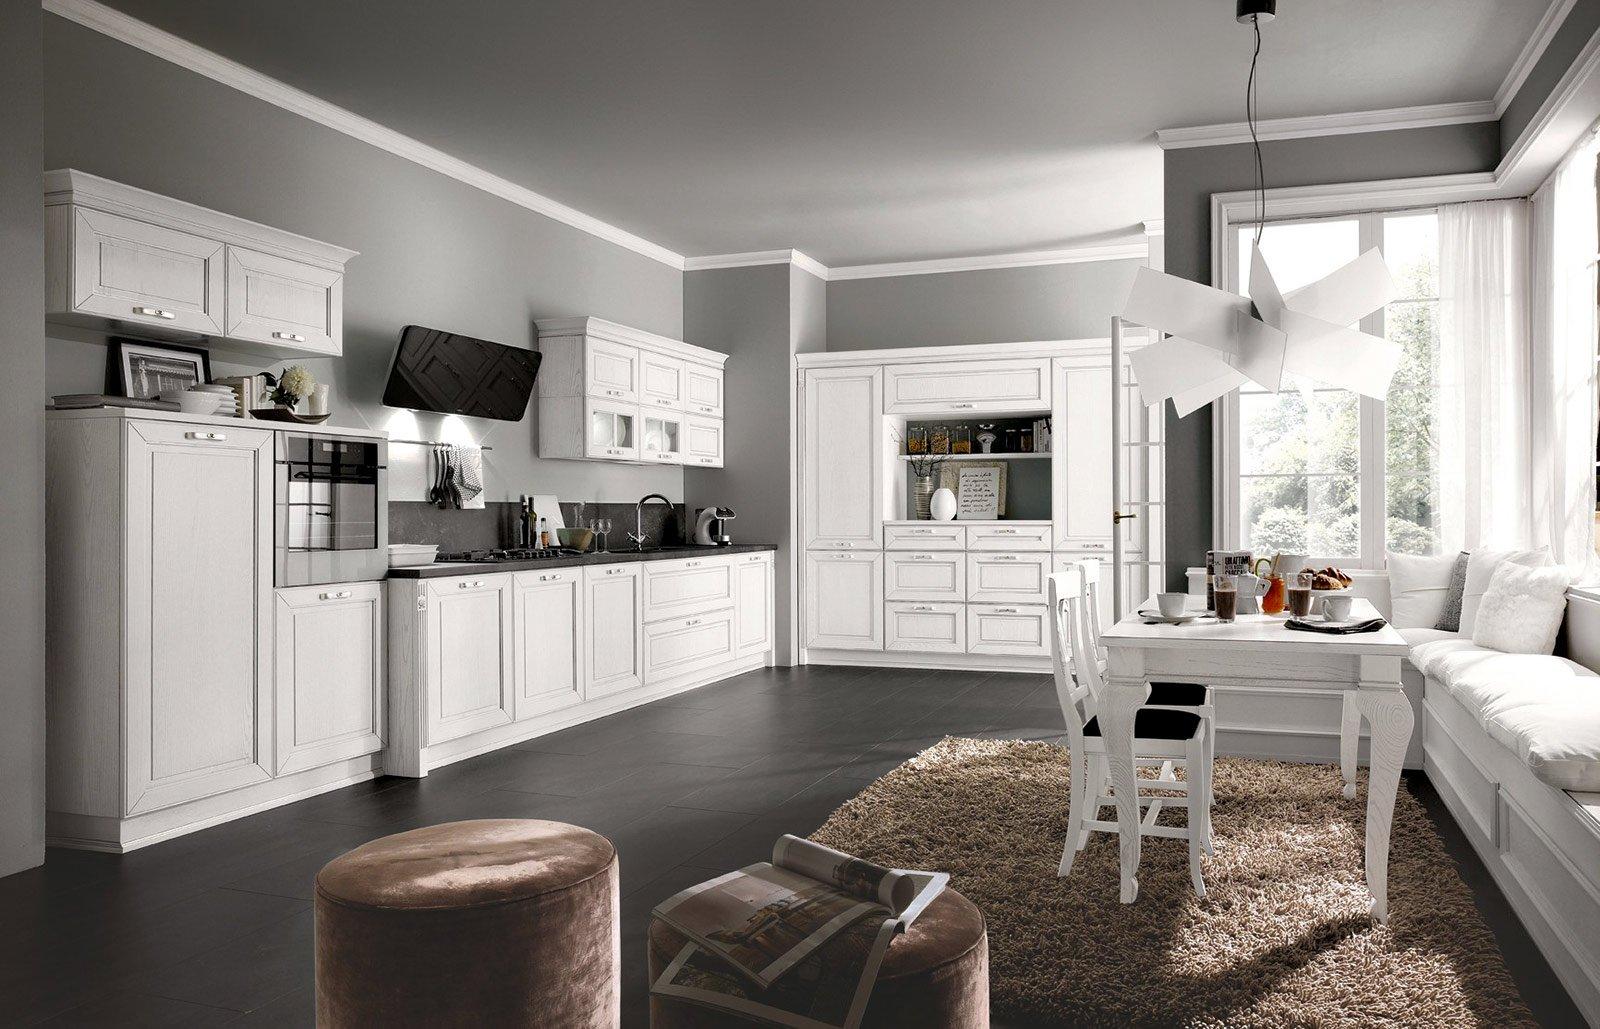 Cucina la voglio tutta bianca cose di casa for Cucina classica bianca